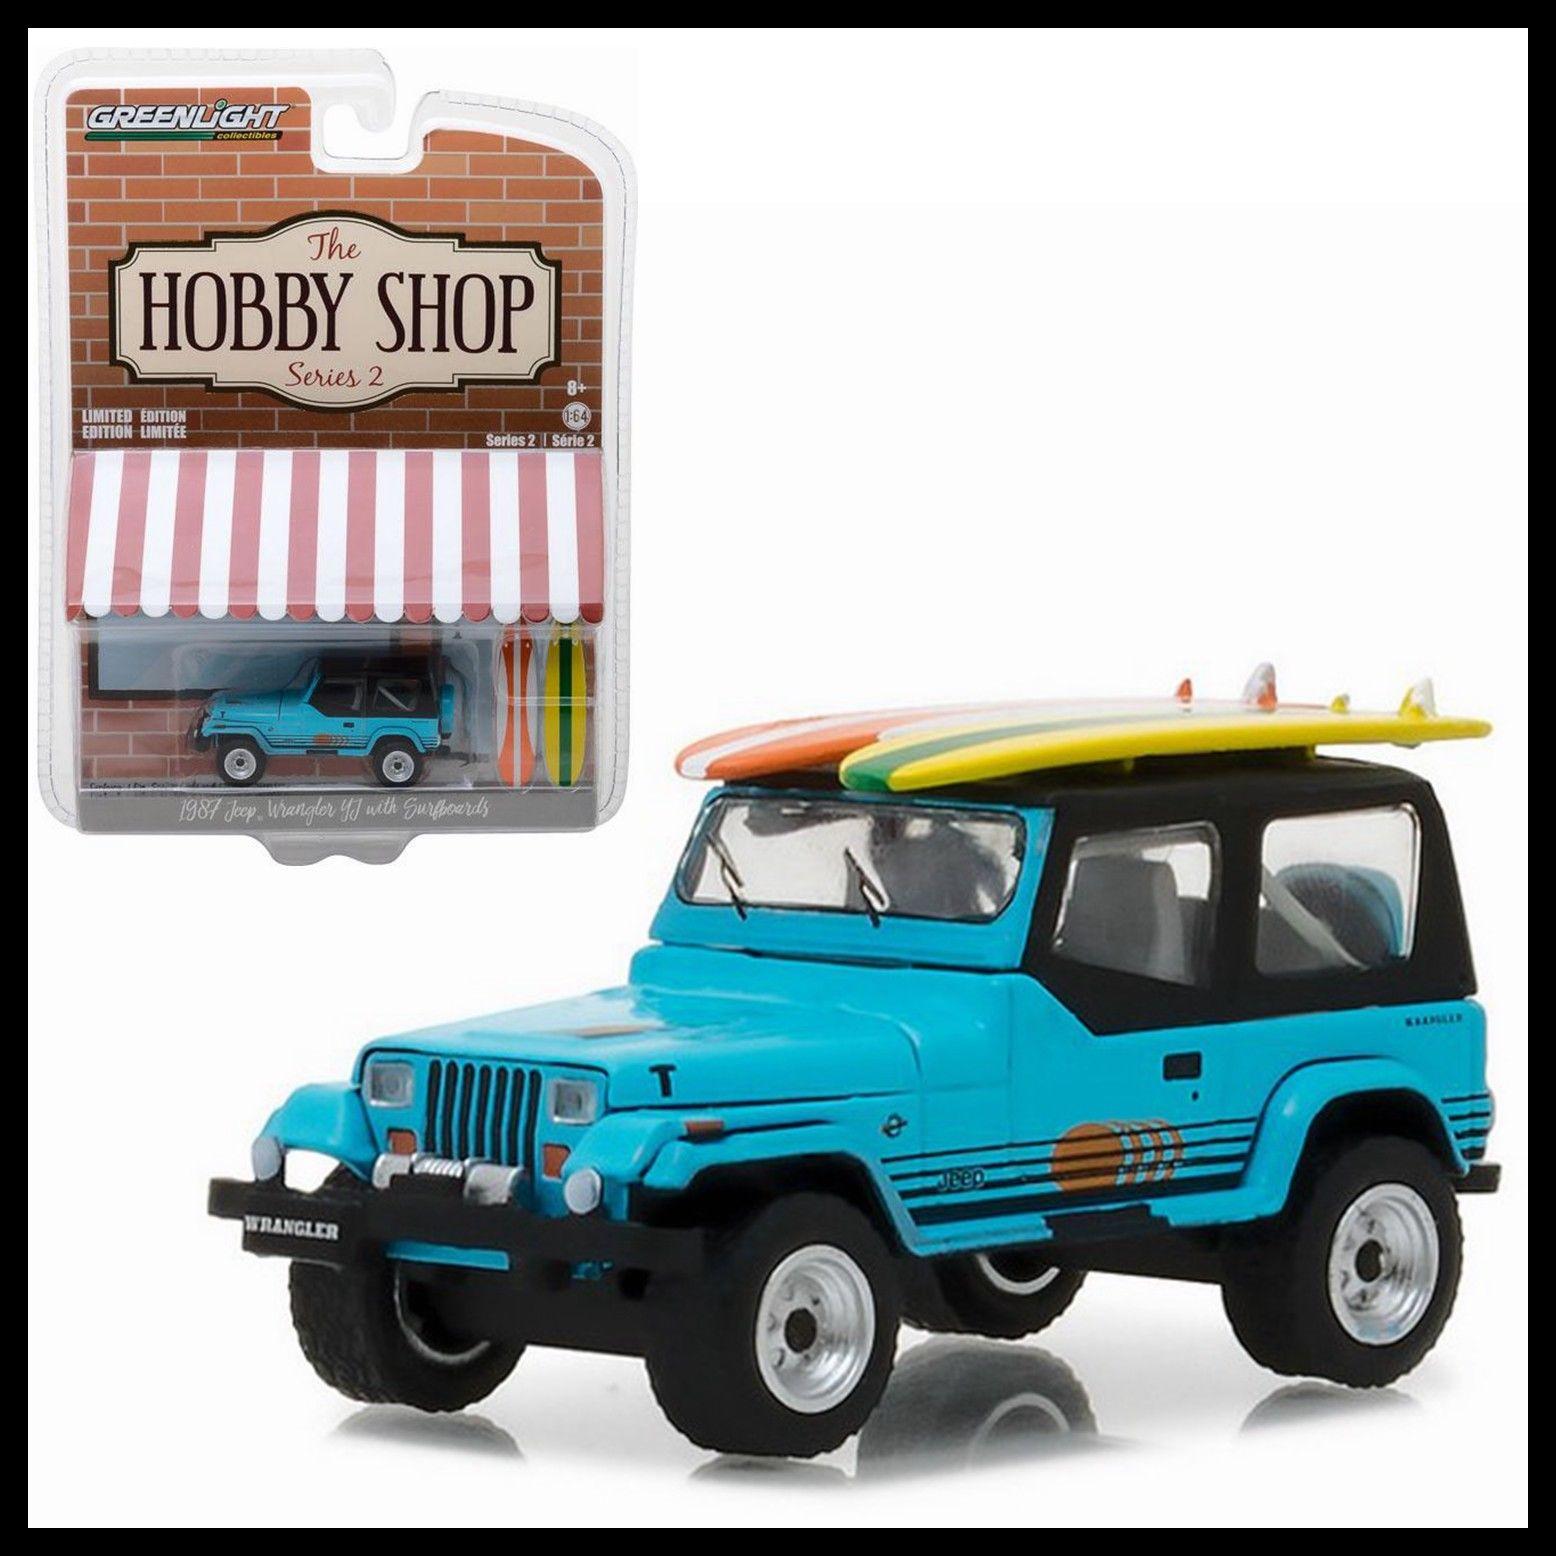 GL 164 1987 Jeep Wrangler YJ con Surfboard, modelo de coche de aleación, juguete de Metal fundido a presión, regalo de cumpleaños para niños